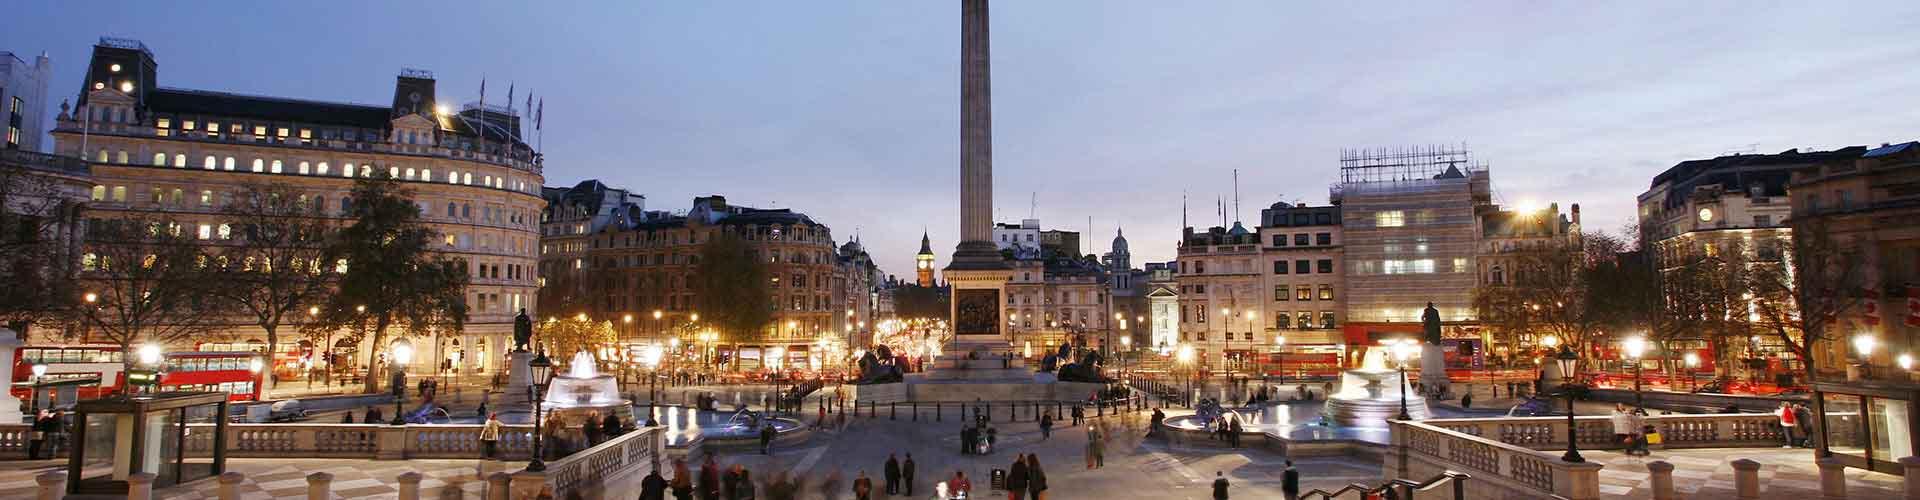 런던 - 넬슨 기념탑와 가까운 호스텔. 런던의 지도, 런던에 위치한 호스텔 사진 및 후기 정보.